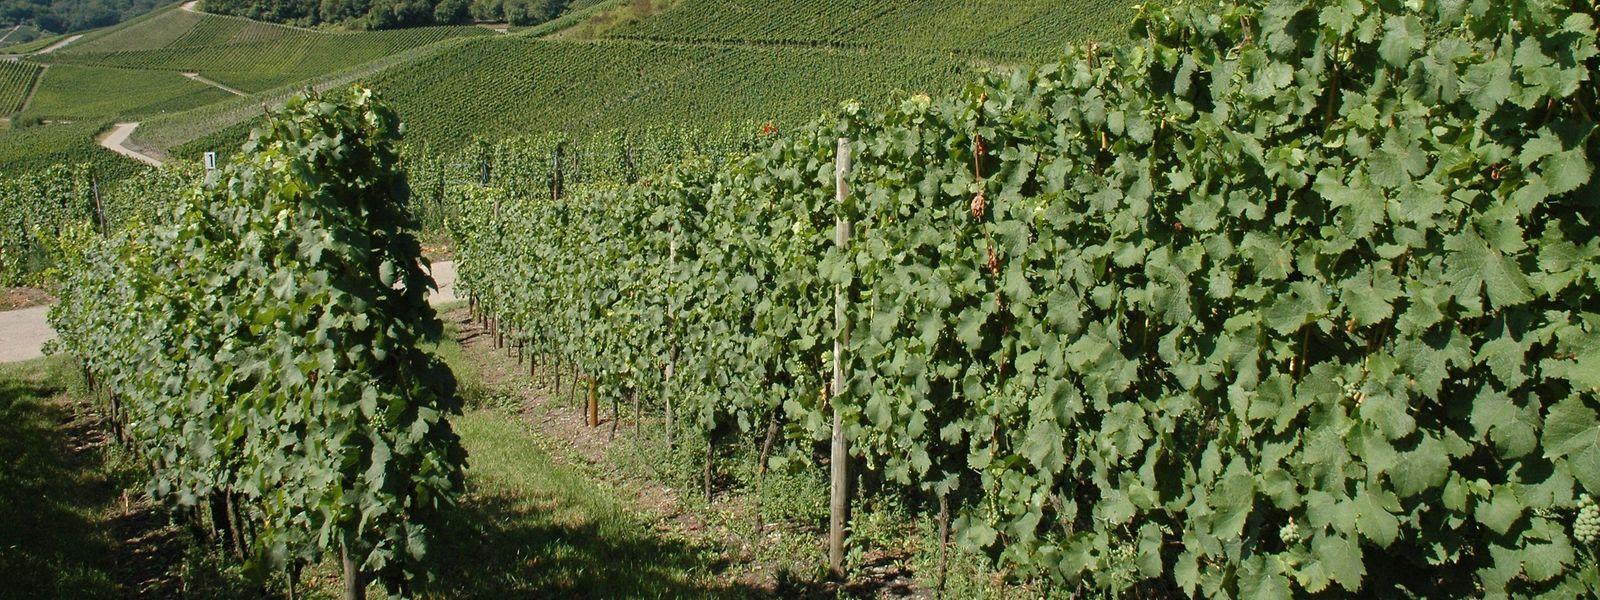 La consommation de vin a plongé avec le confinement et les viticulteurs cherchent des débouchés avant la prochaine récolte.